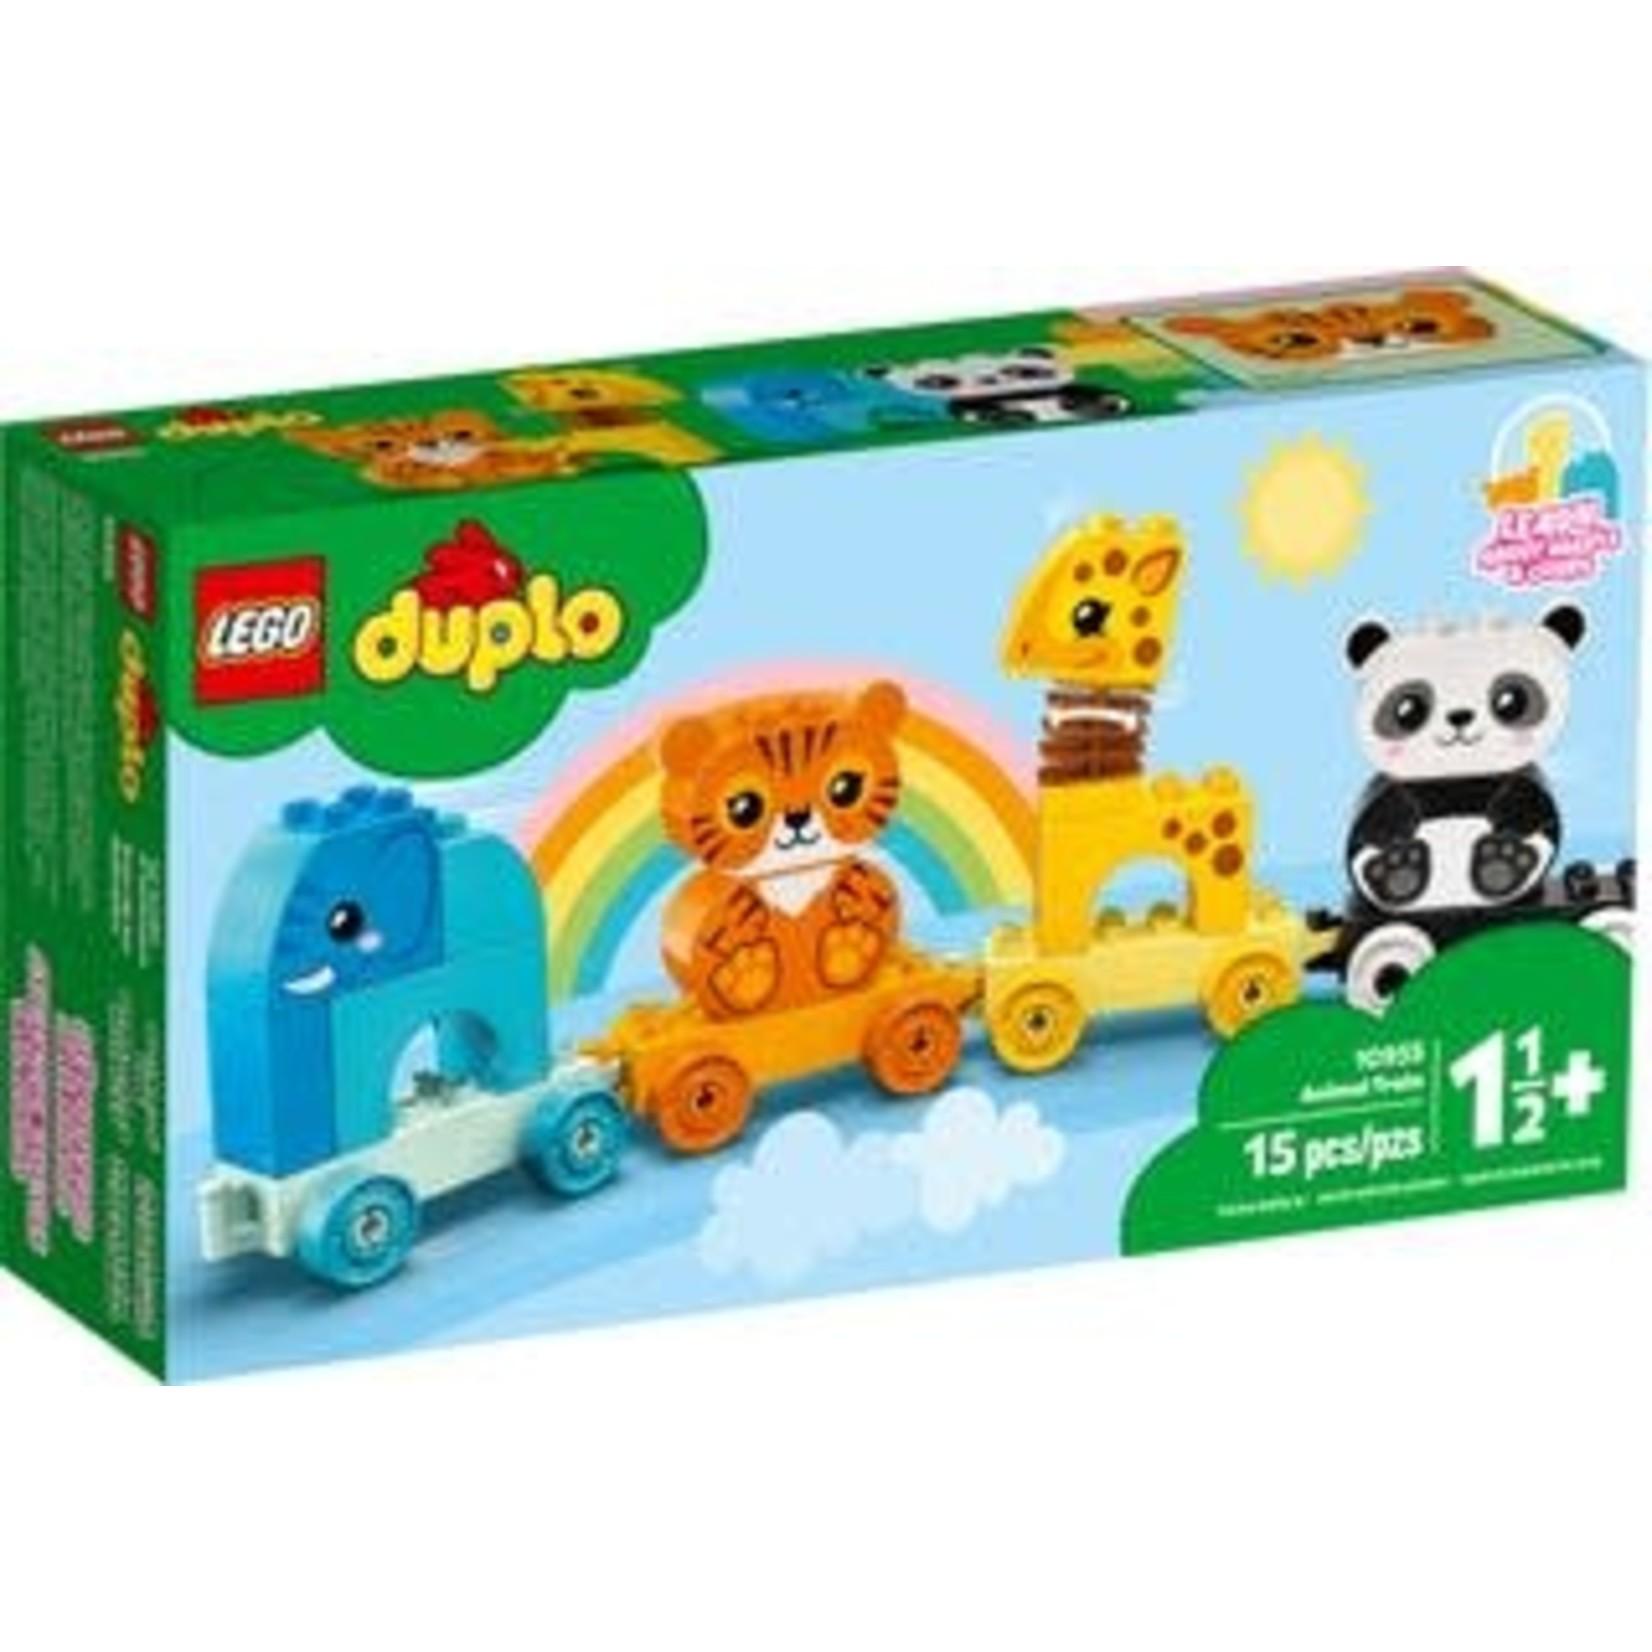 LEGO LEGO DUPLO Animal Train